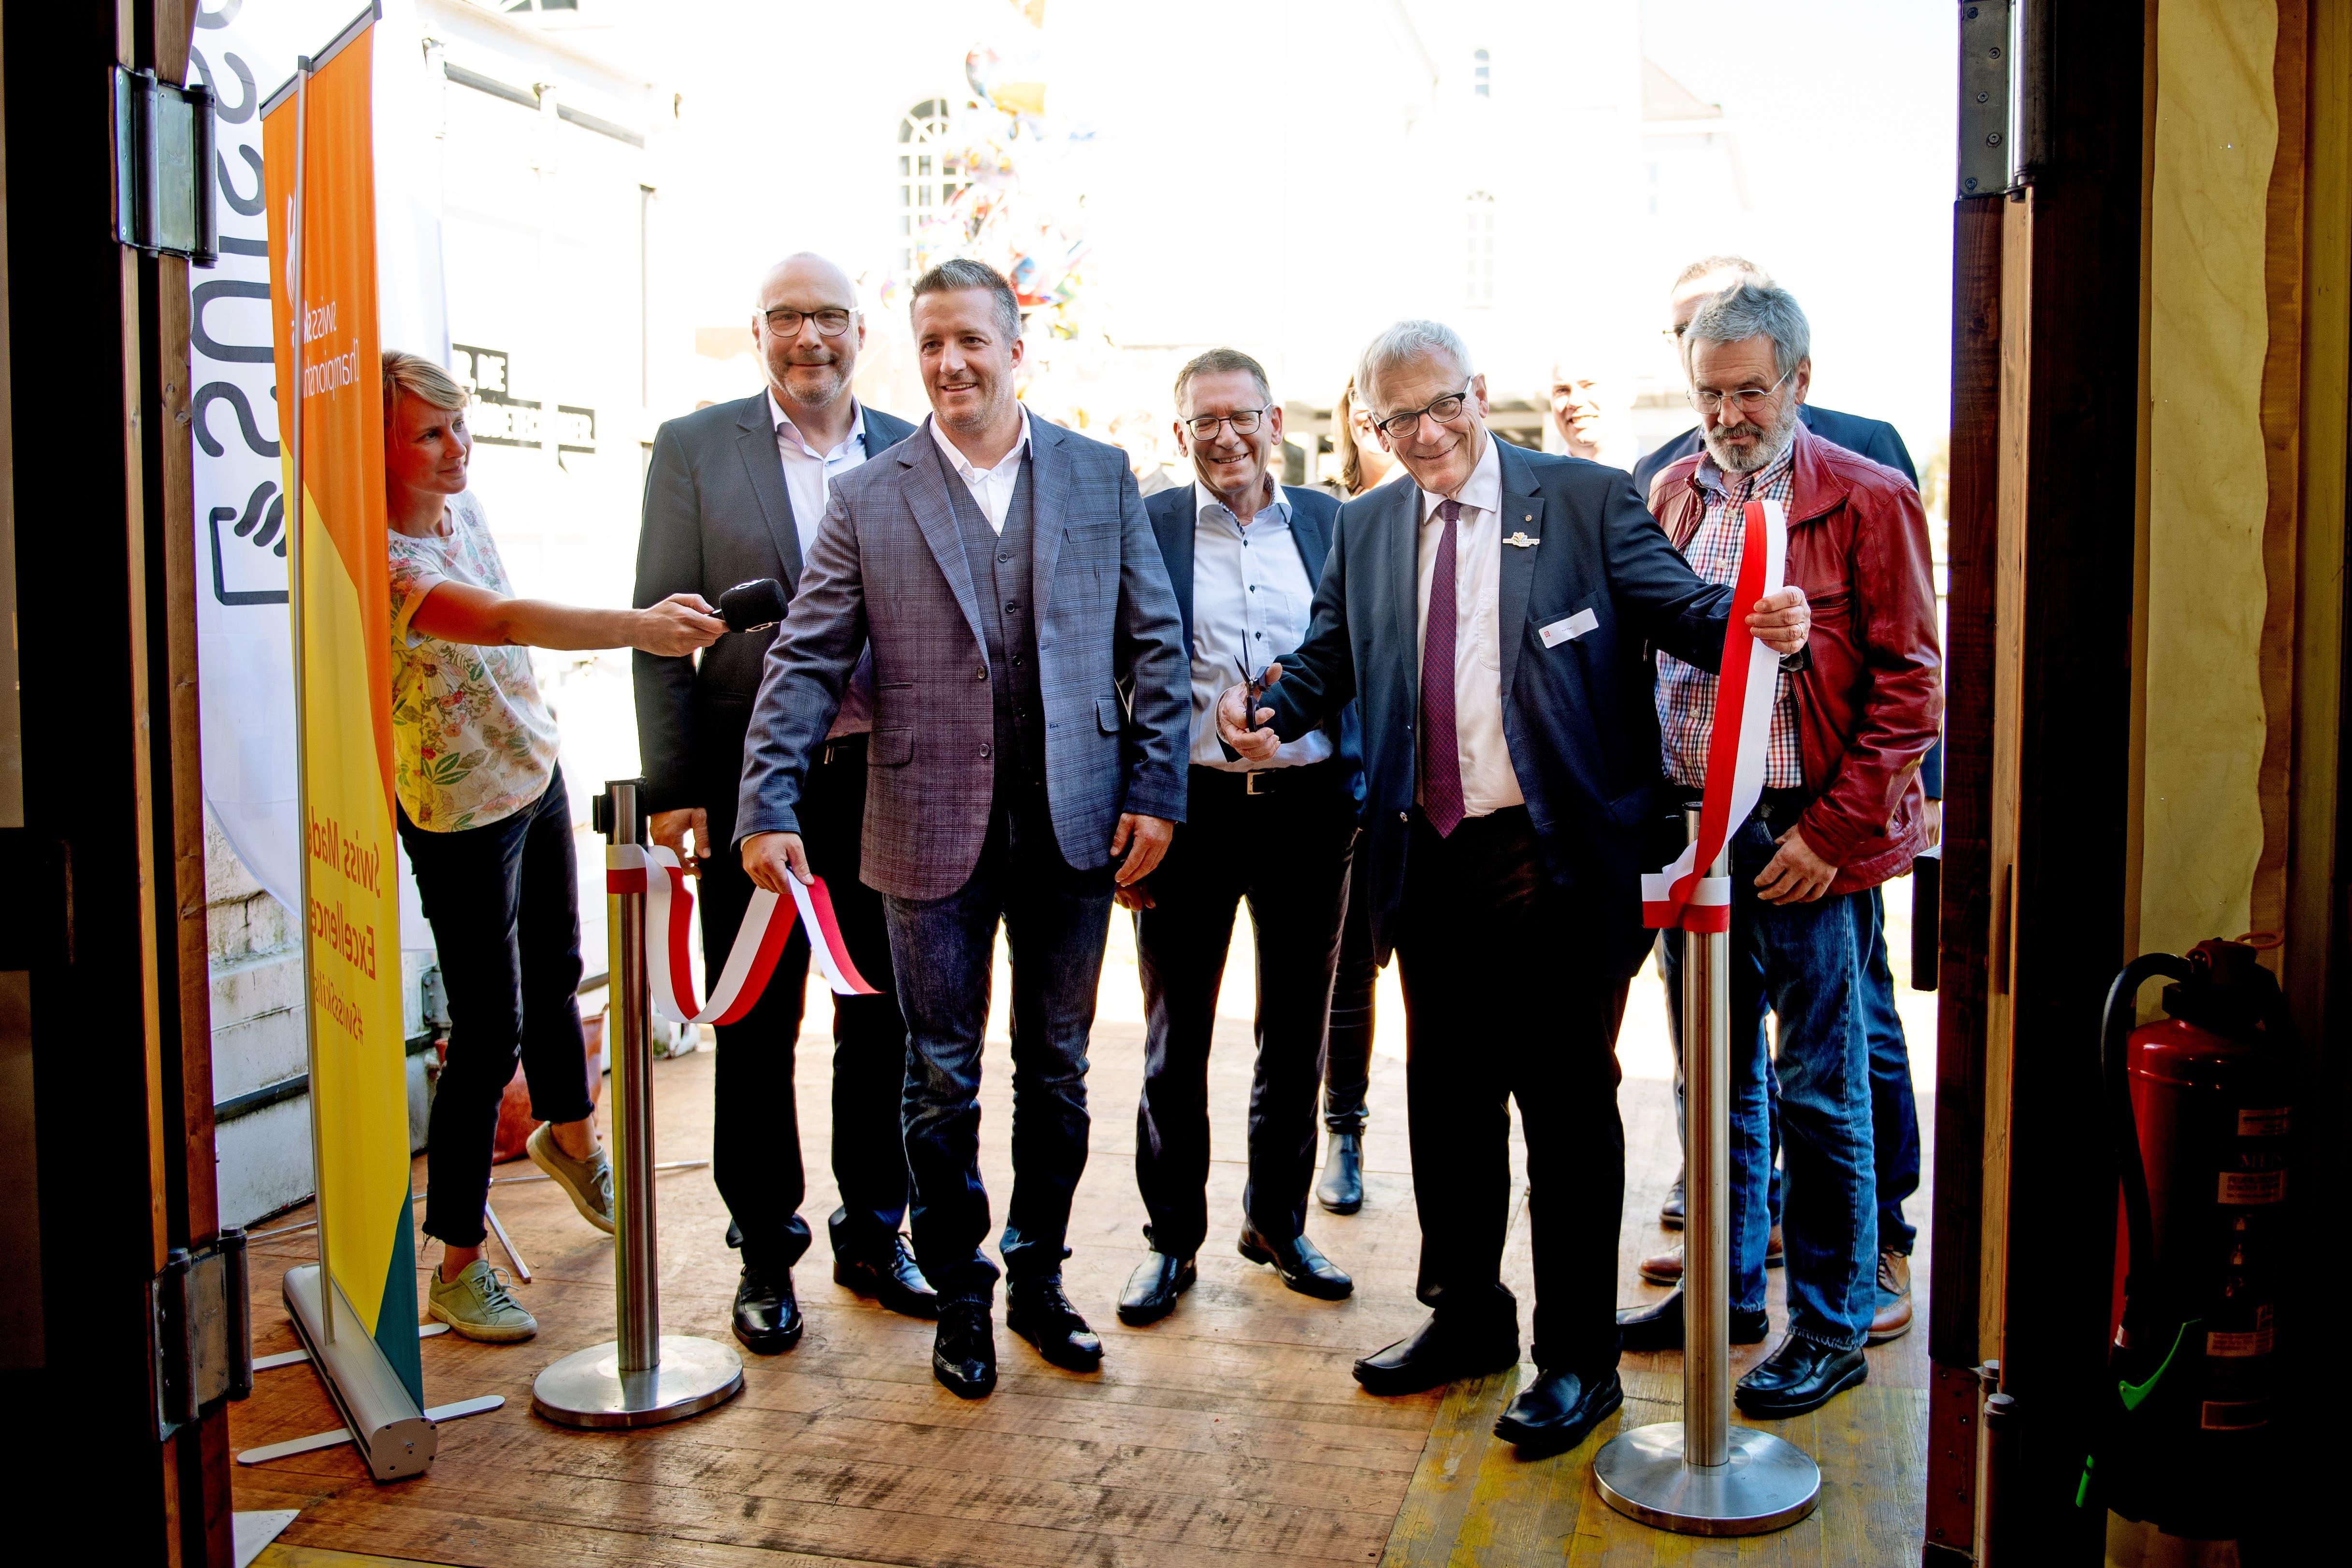 Und los gehts! HESO-Präsident Urs Unterlerchner und Stadtpräsident Kurt Fluri eröffnen die HESO 2021.